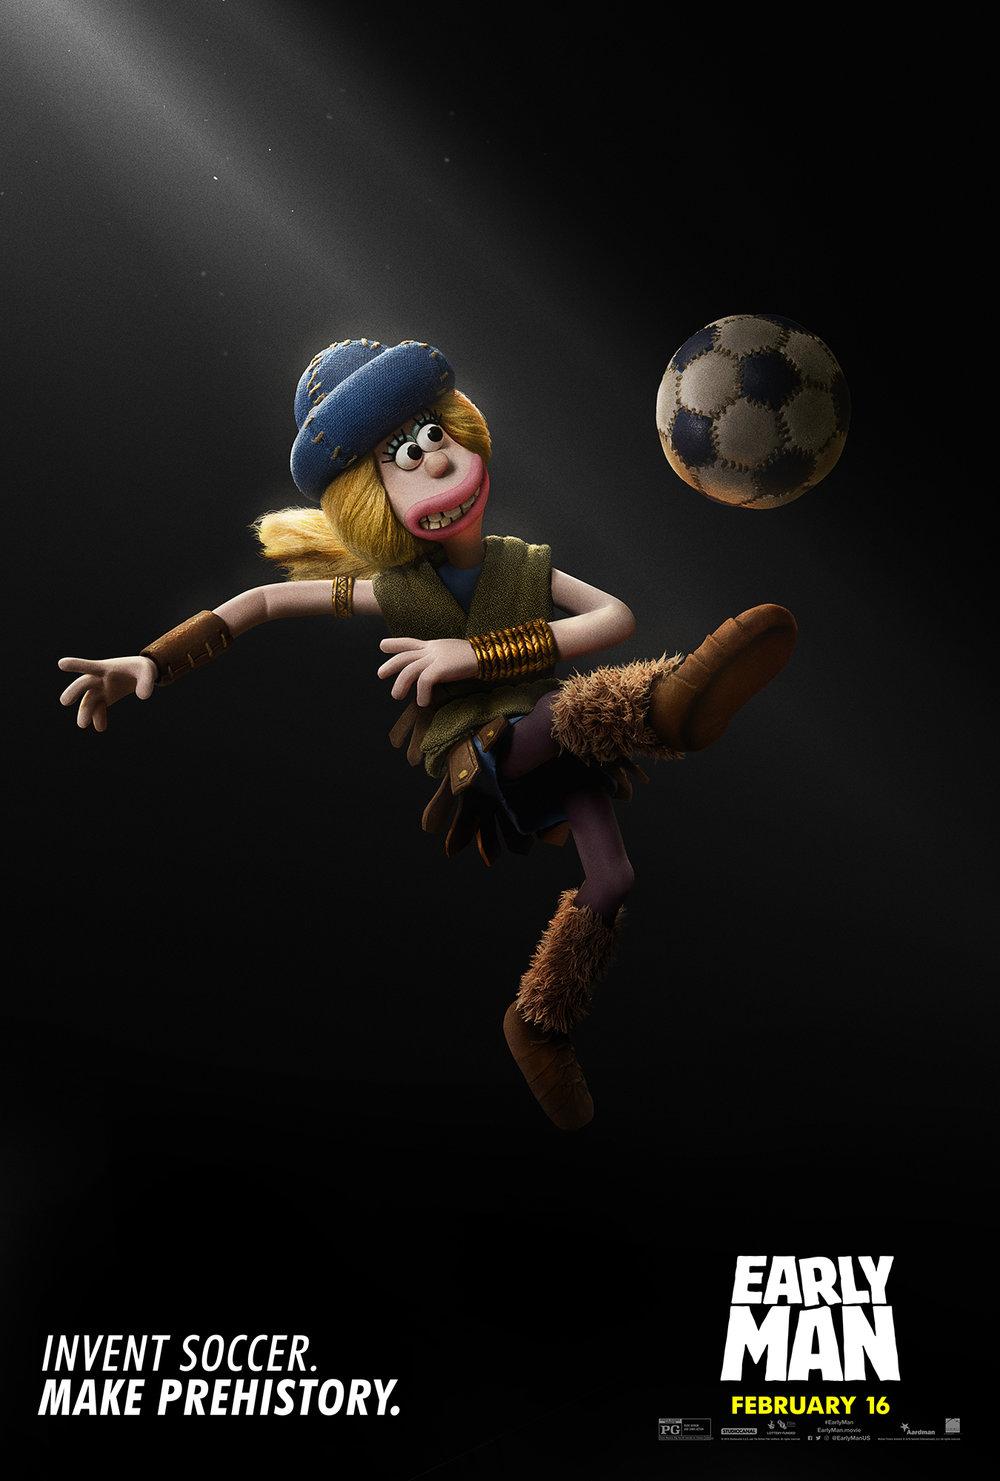 EarlyMan_Soccer_Online1Sht_GOONA_100dpi.jpg